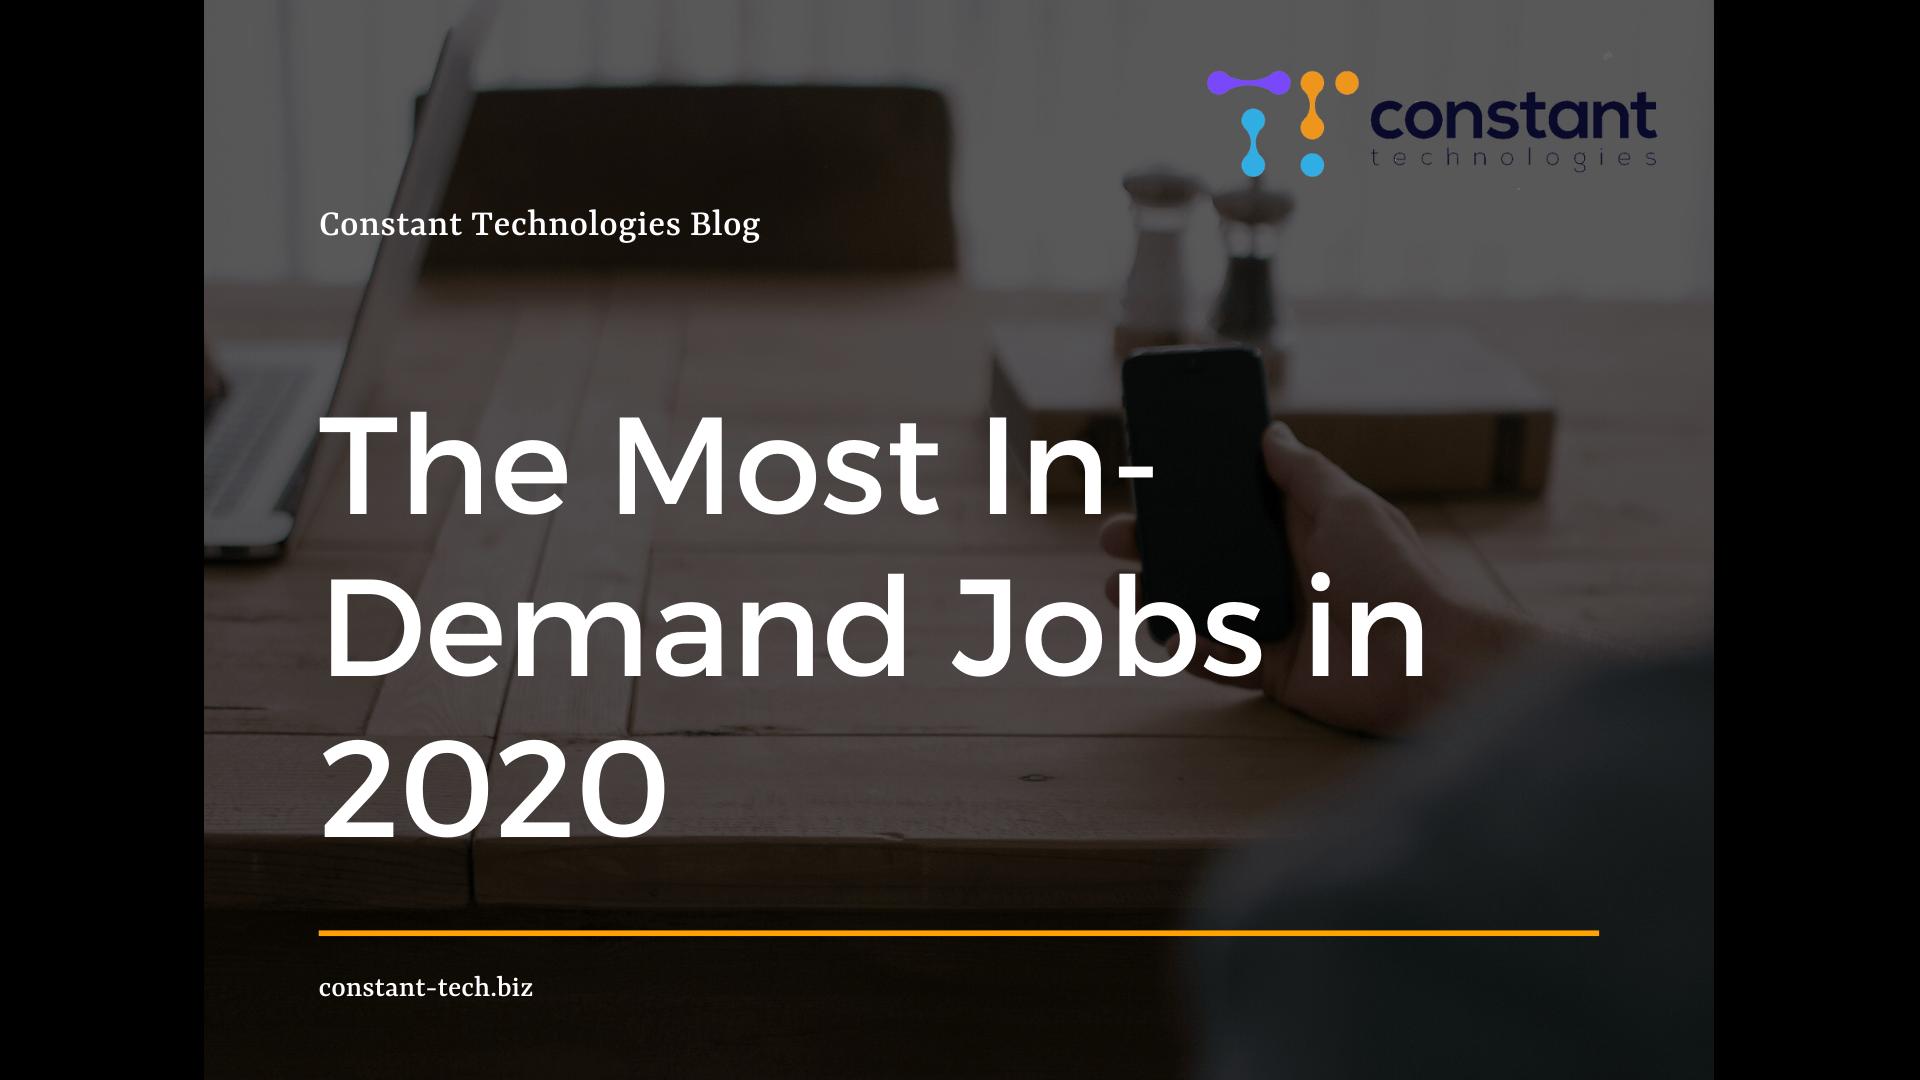 Jobs in demand 2020 - Constant Blog